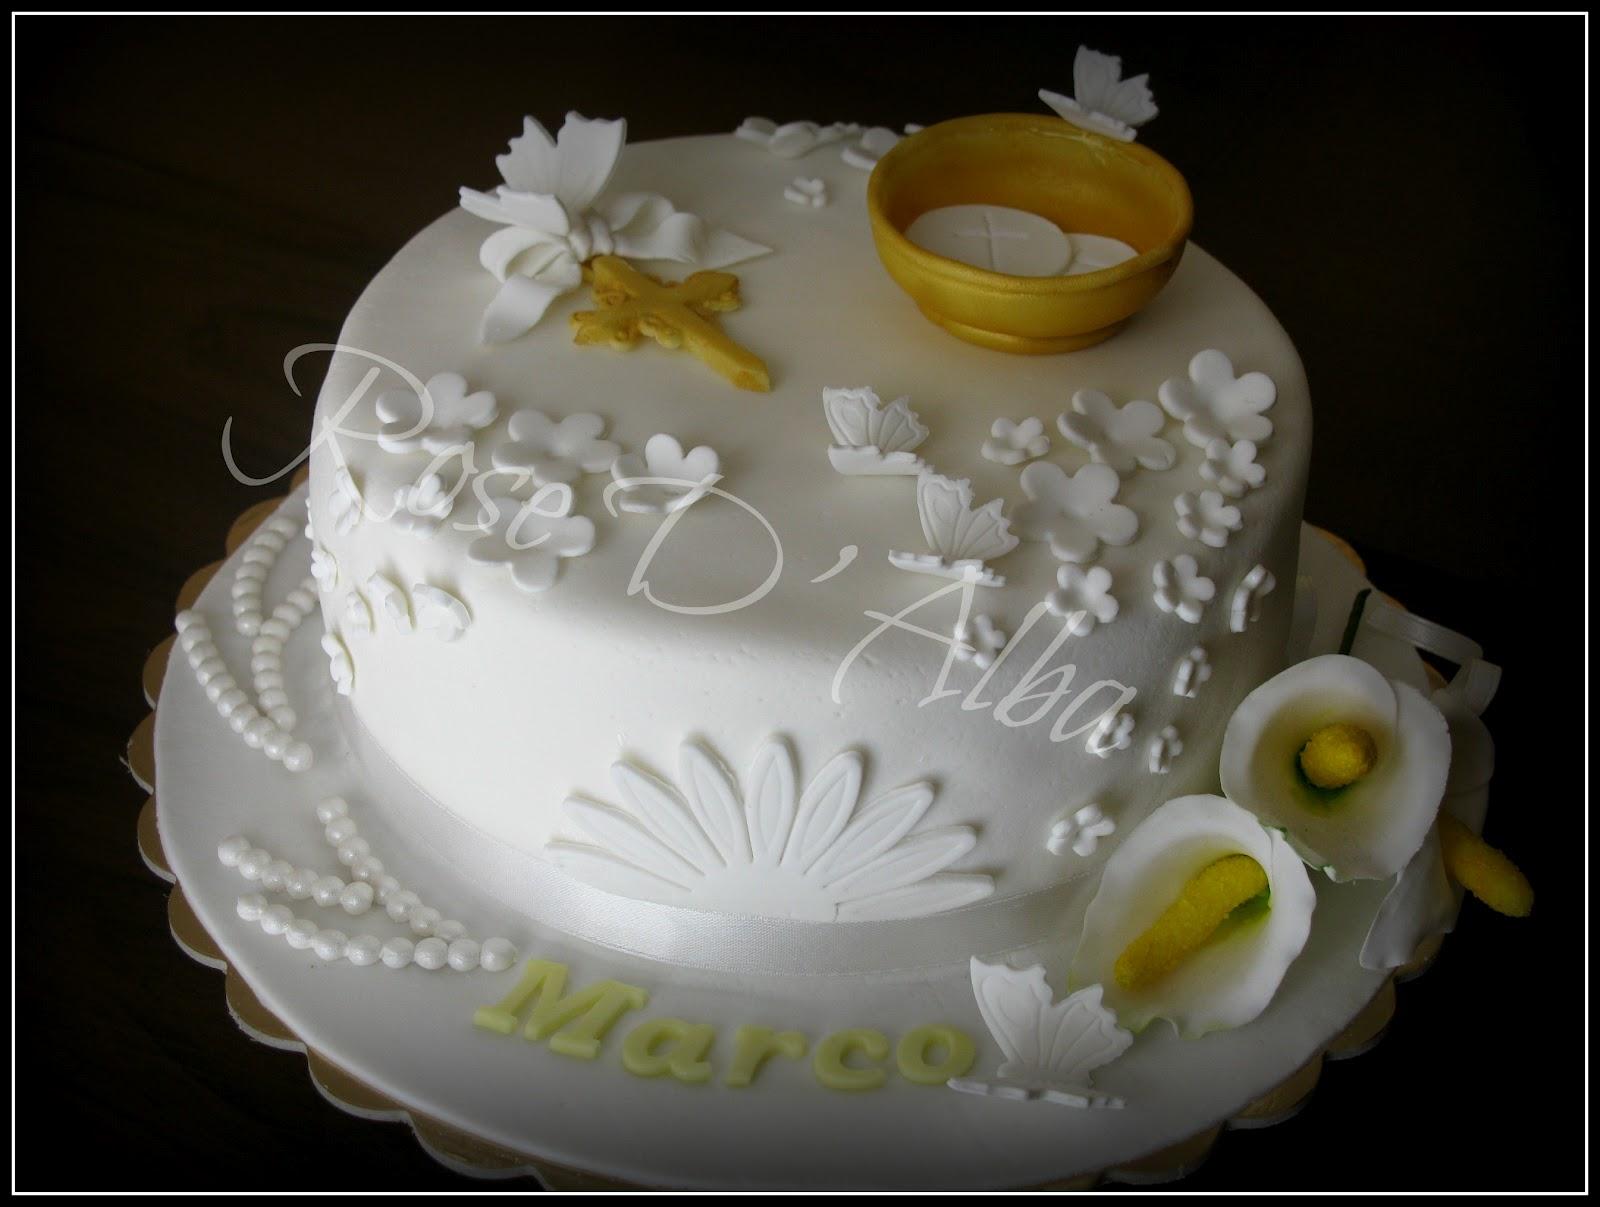 Super ROSE D' ALBA cake designer: La prima Comunione di Marco MX26